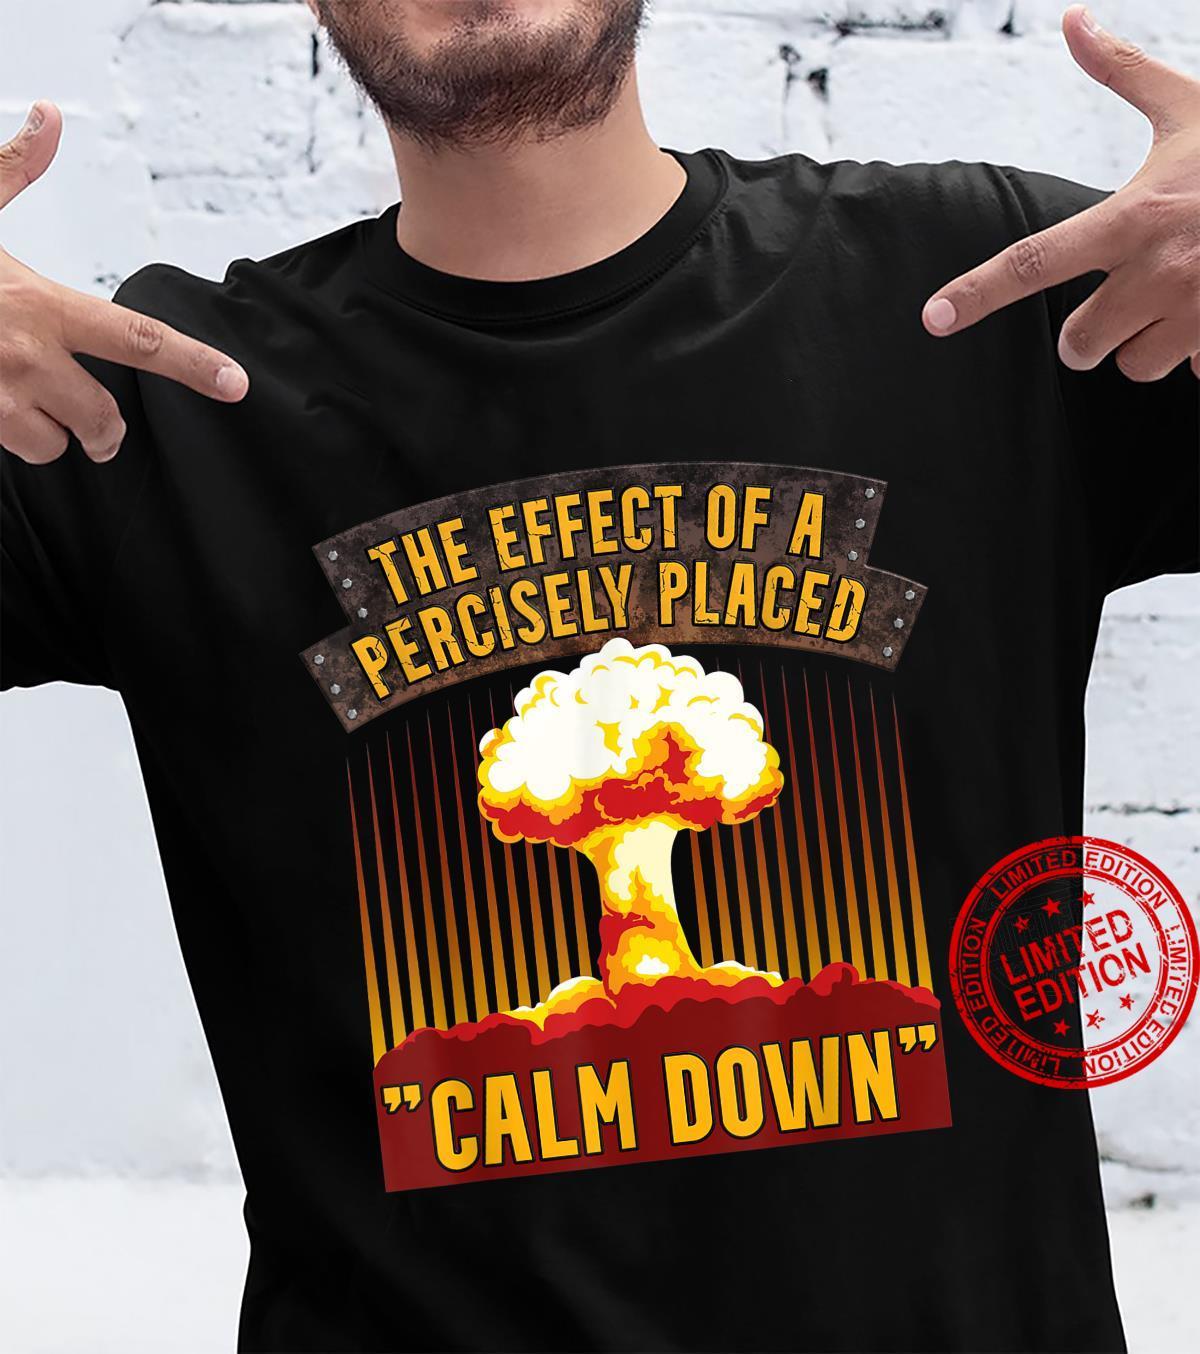 Keep Calm Down TShirt Shirt